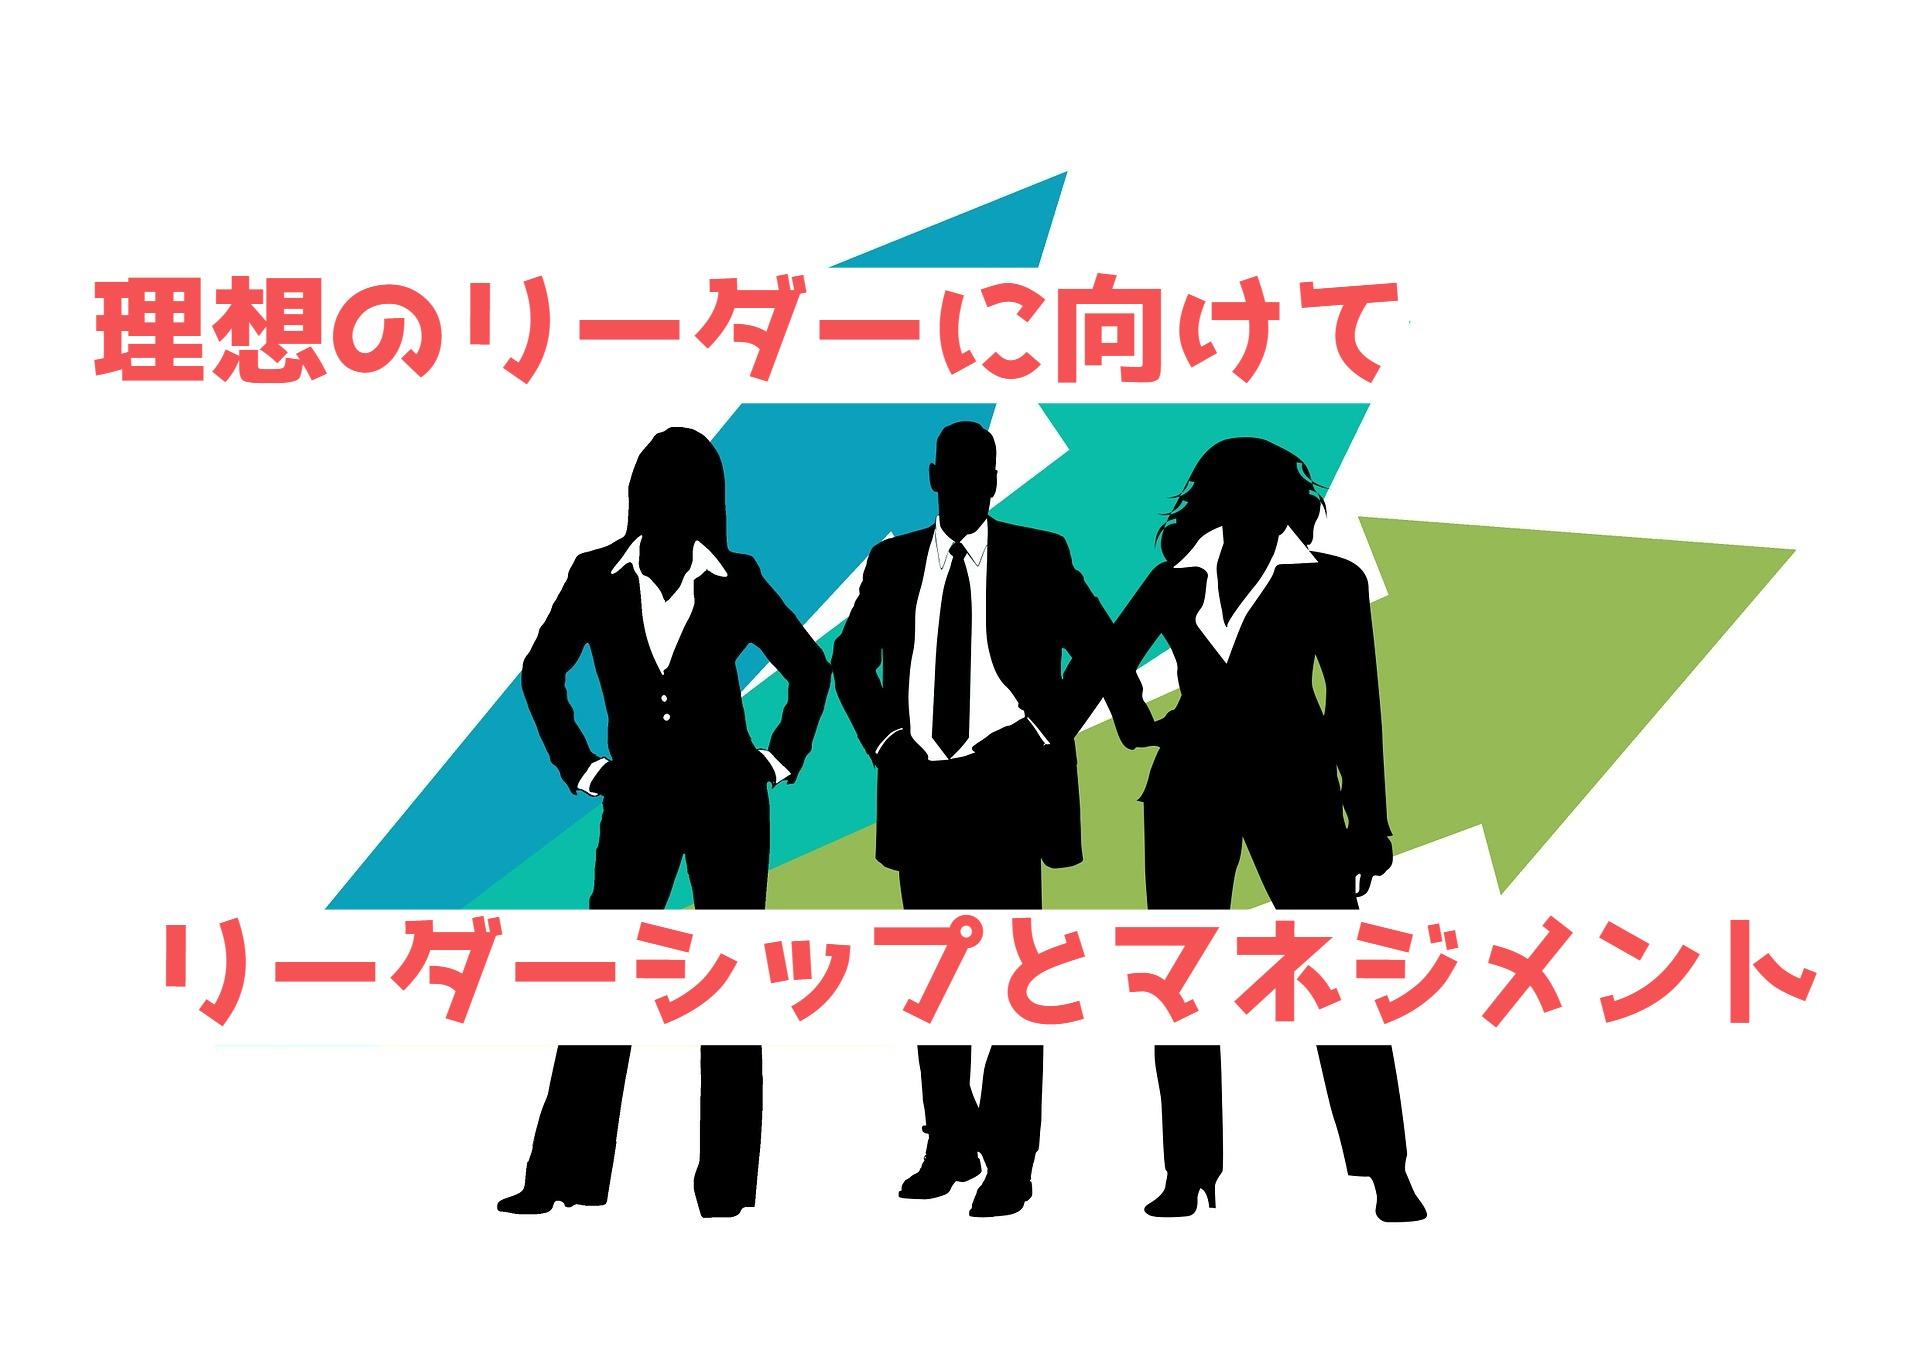 理想のリーダーになる為、リーダーシップとマネジメントの違いを知る